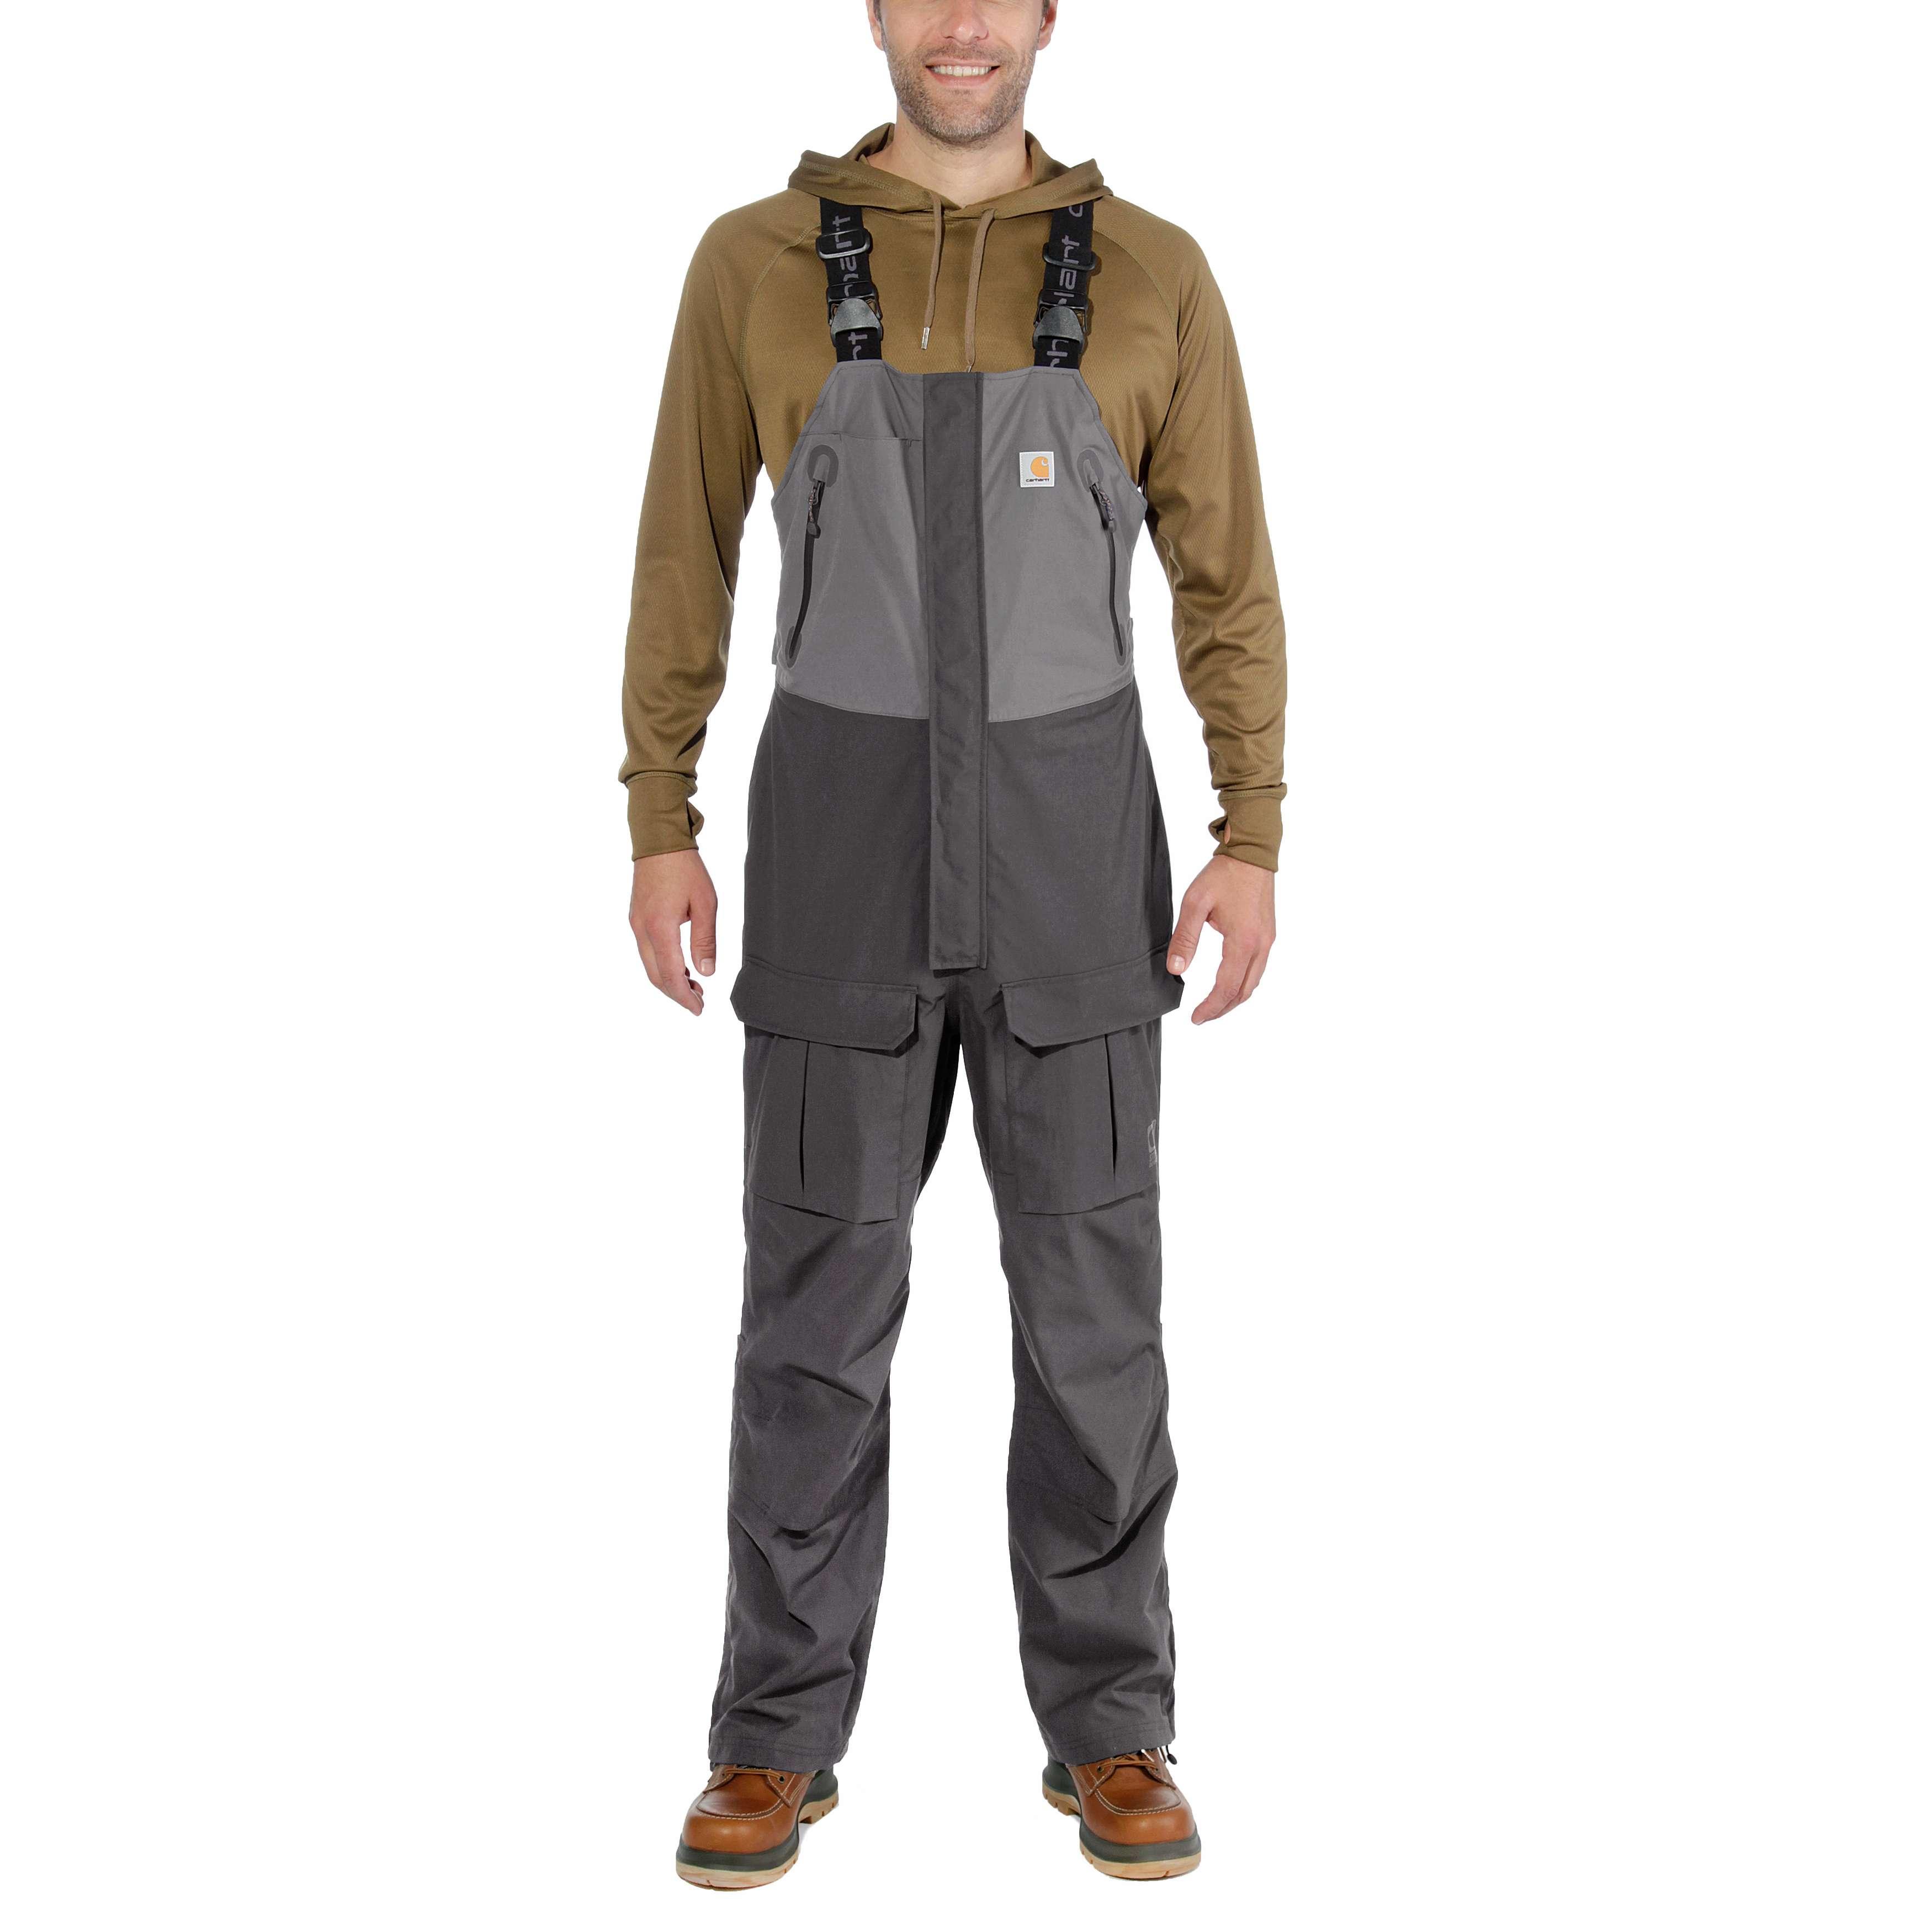 Carhartt Pantaloncini Cargo da Uomo vestibilit/à Comoda 27,9/cm Tessuto Resistente